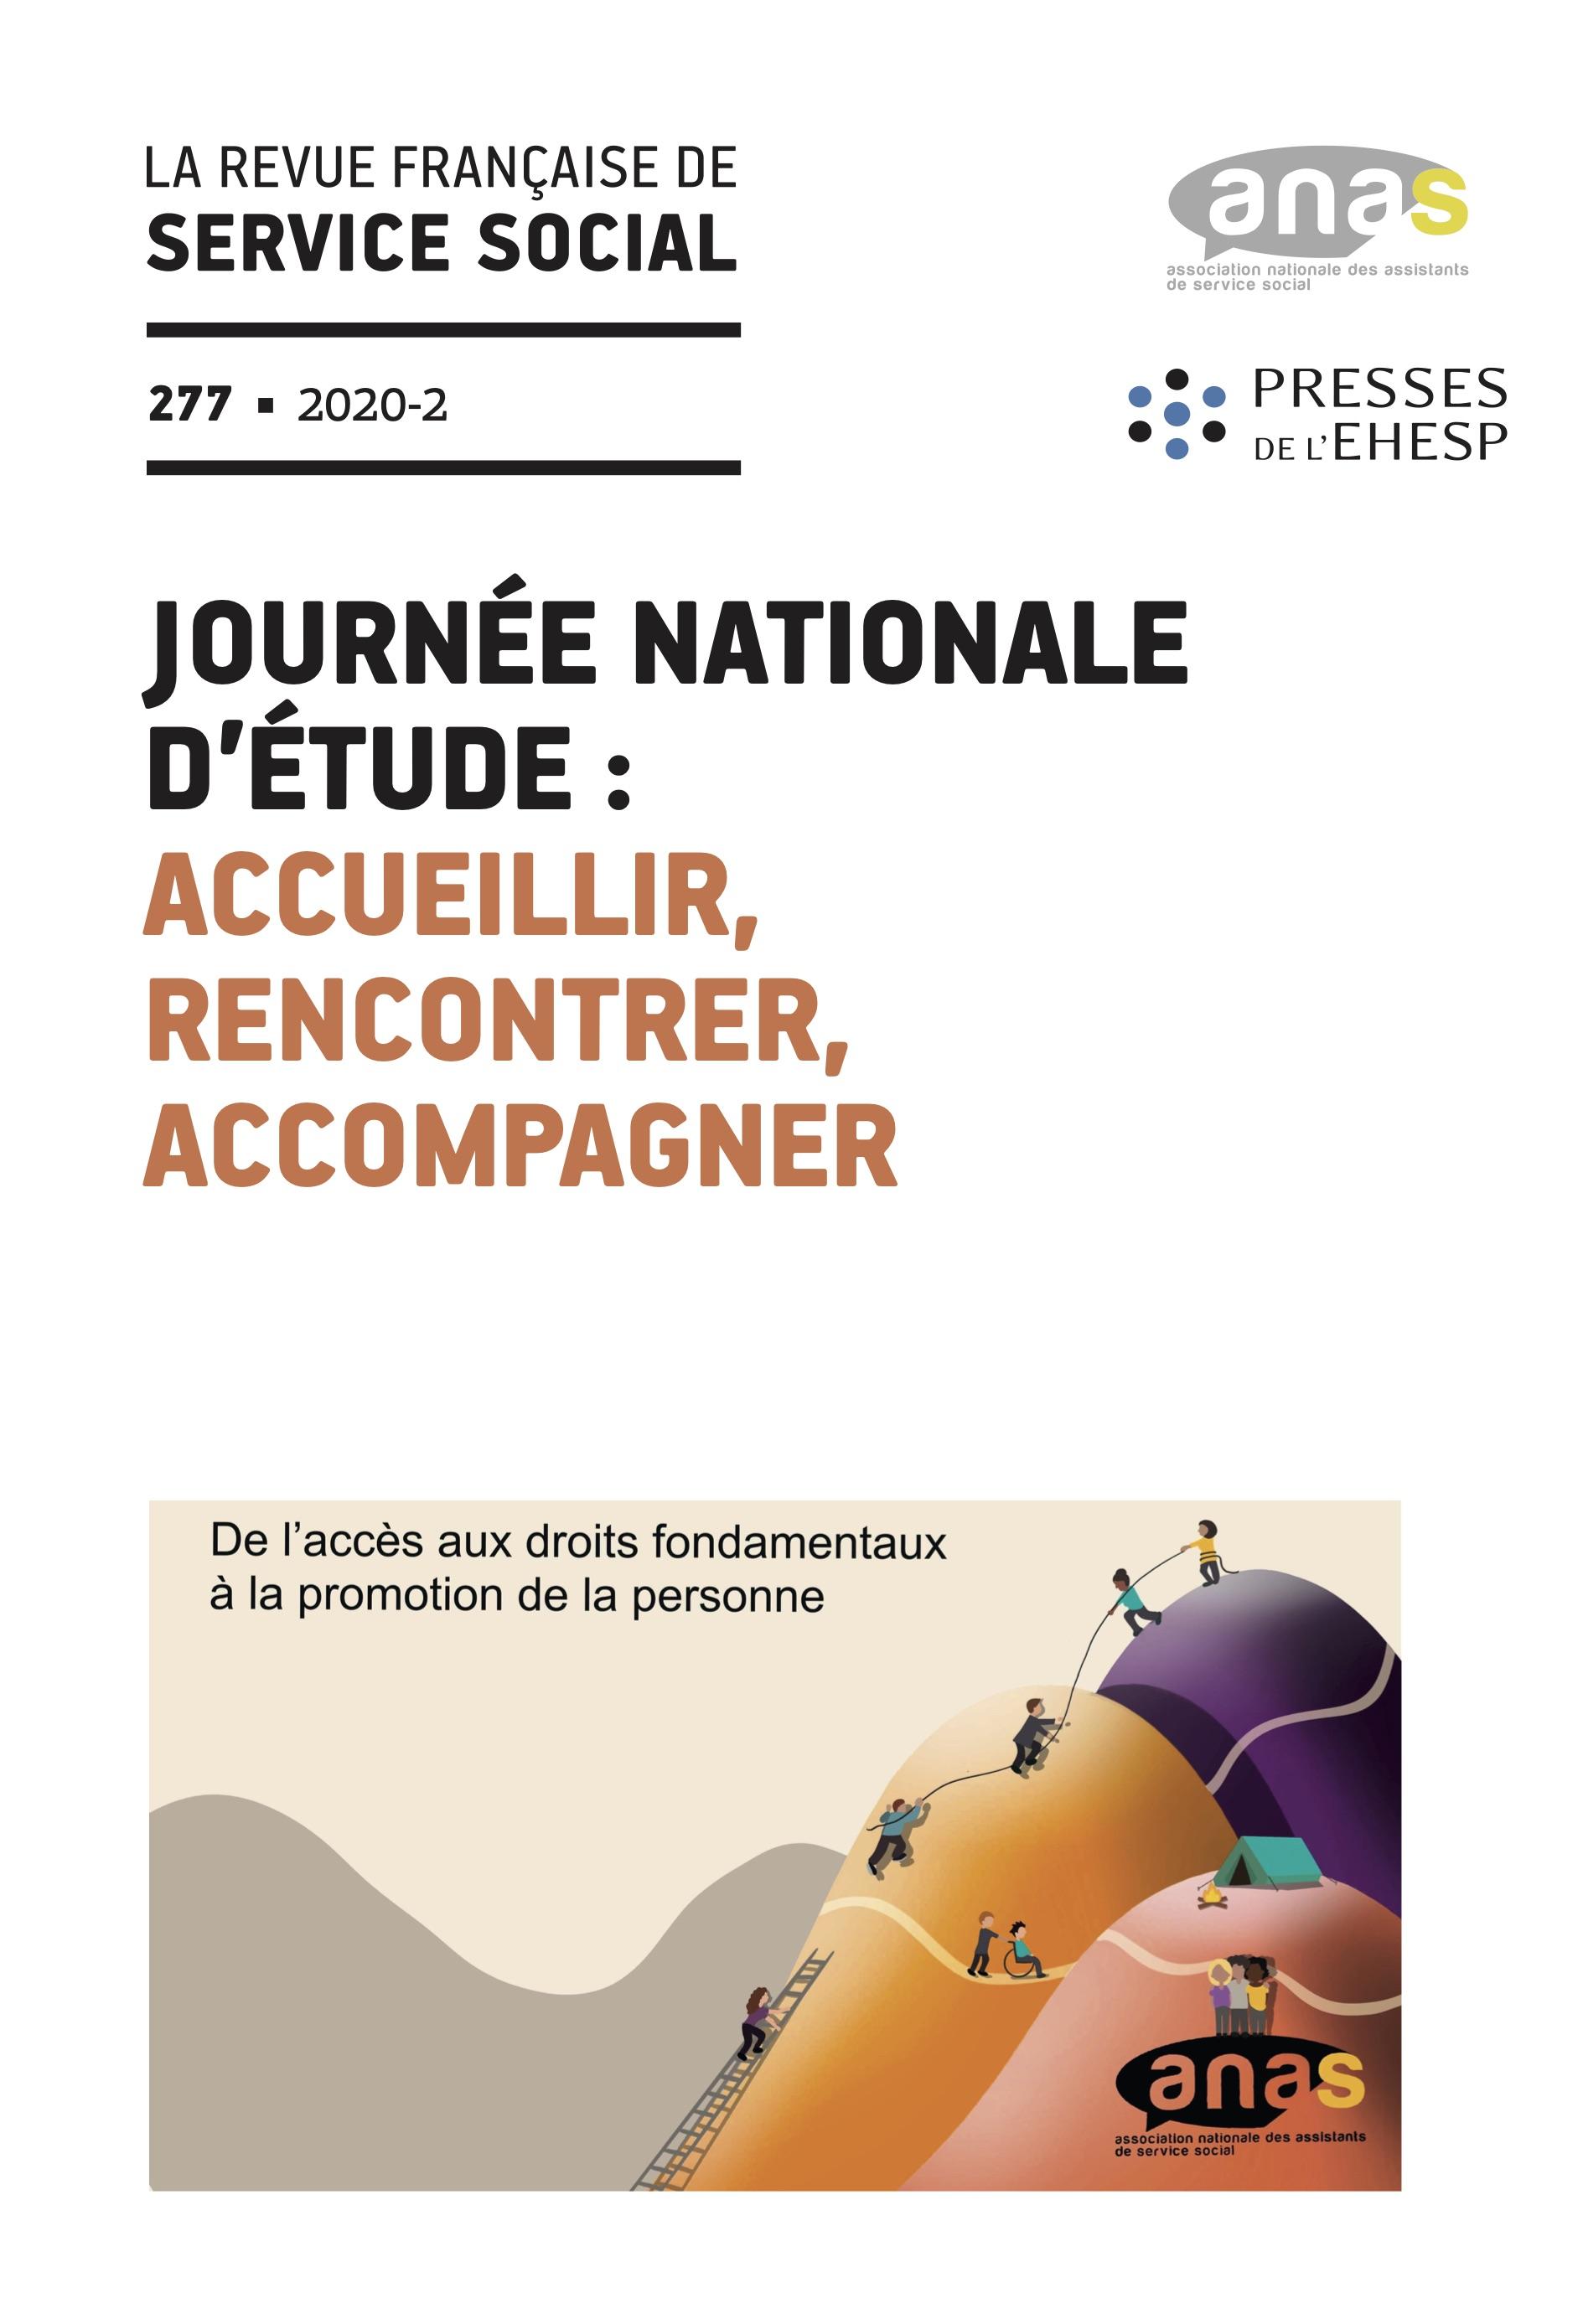 """RFSS N°277 : """"Accueillir, rencontrer, accompagner, de l'accès aux droits fondamentaux à la promotion de la personne"""""""